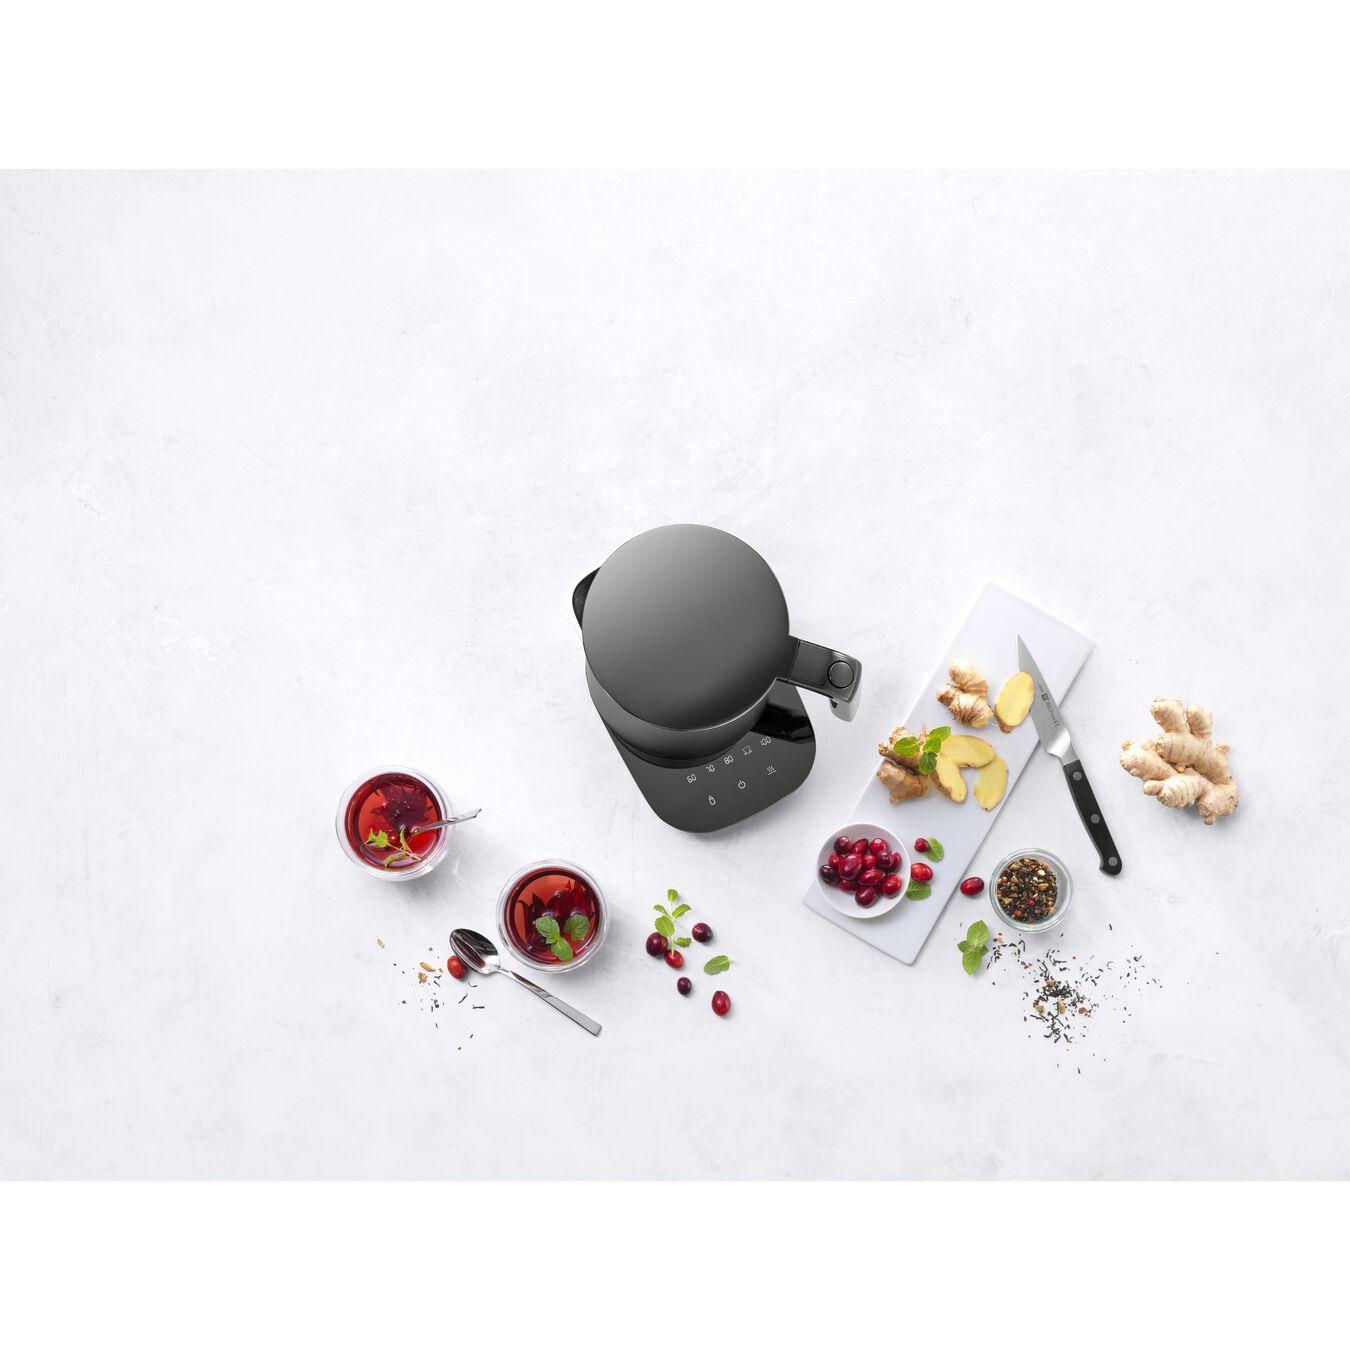 Bouilloire électrique Pro, 1,5 l, Noir,,large 3